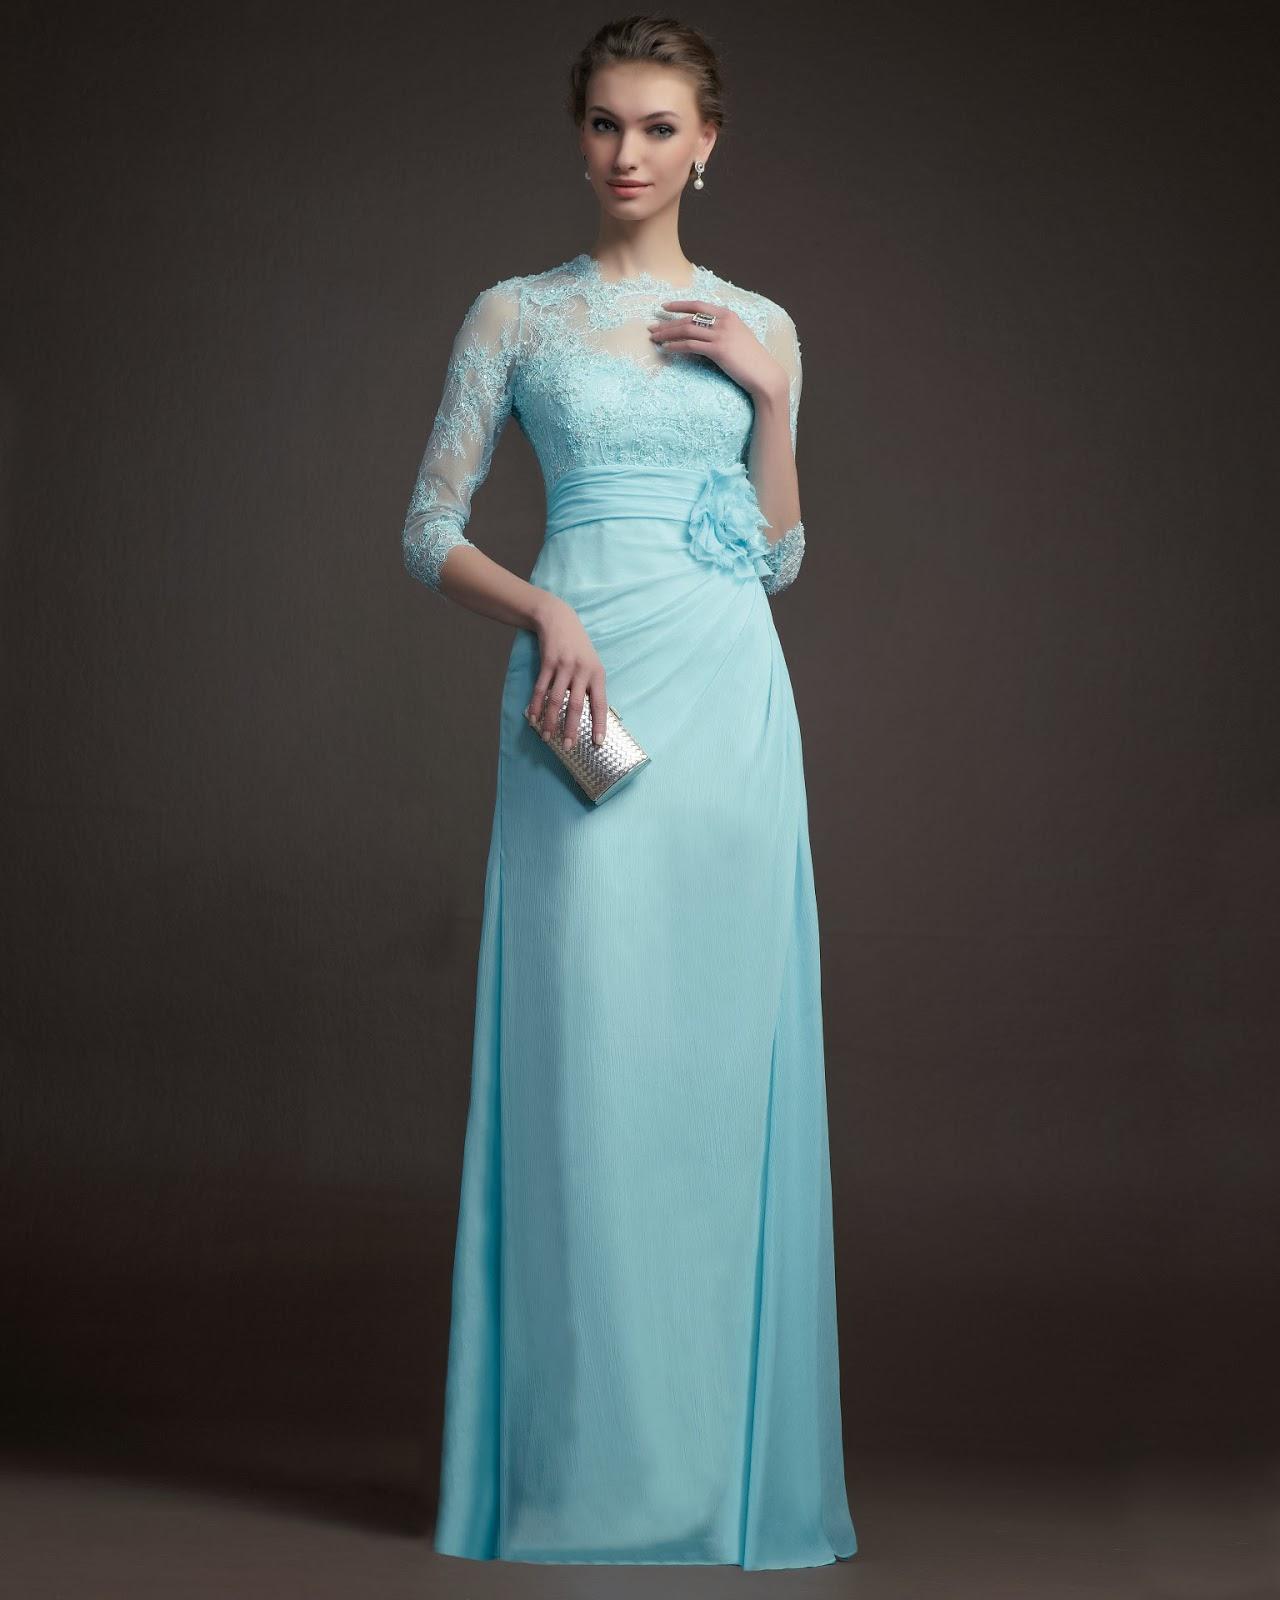 Moda de Modas: AIRE BARCELONA - Colección Fiesta 2014 (2da parte)